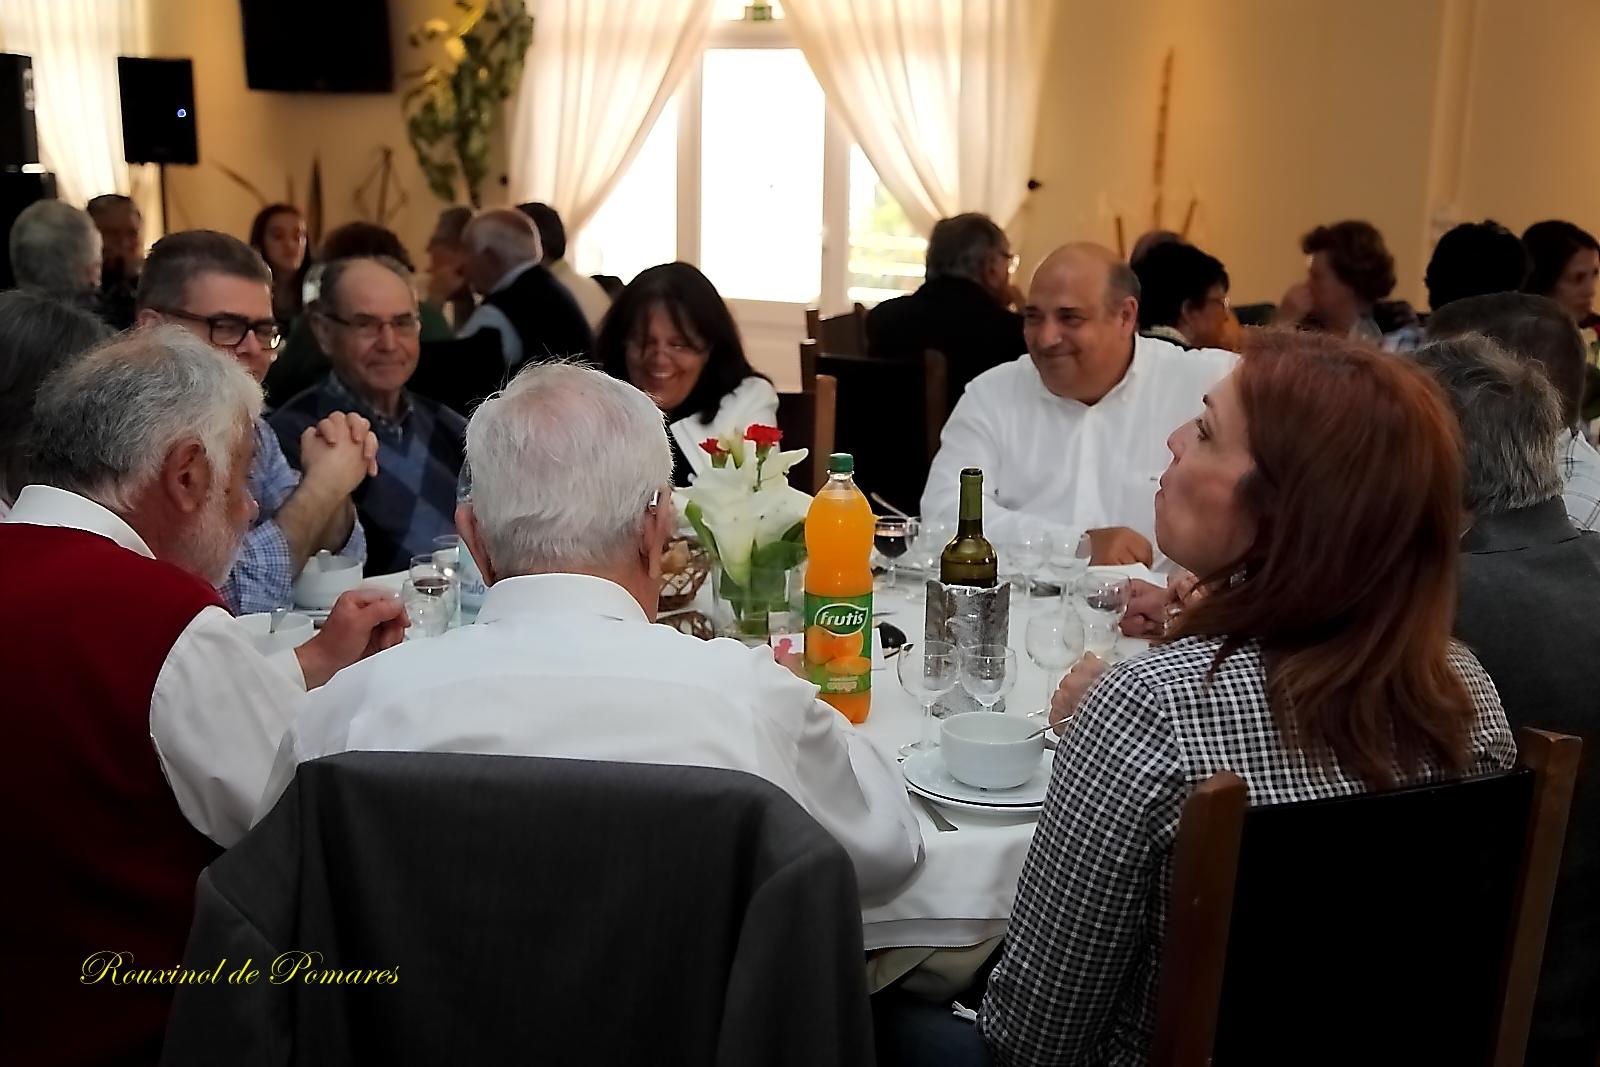 Almoço Comemoração 95 Anos Sociedade  (16)